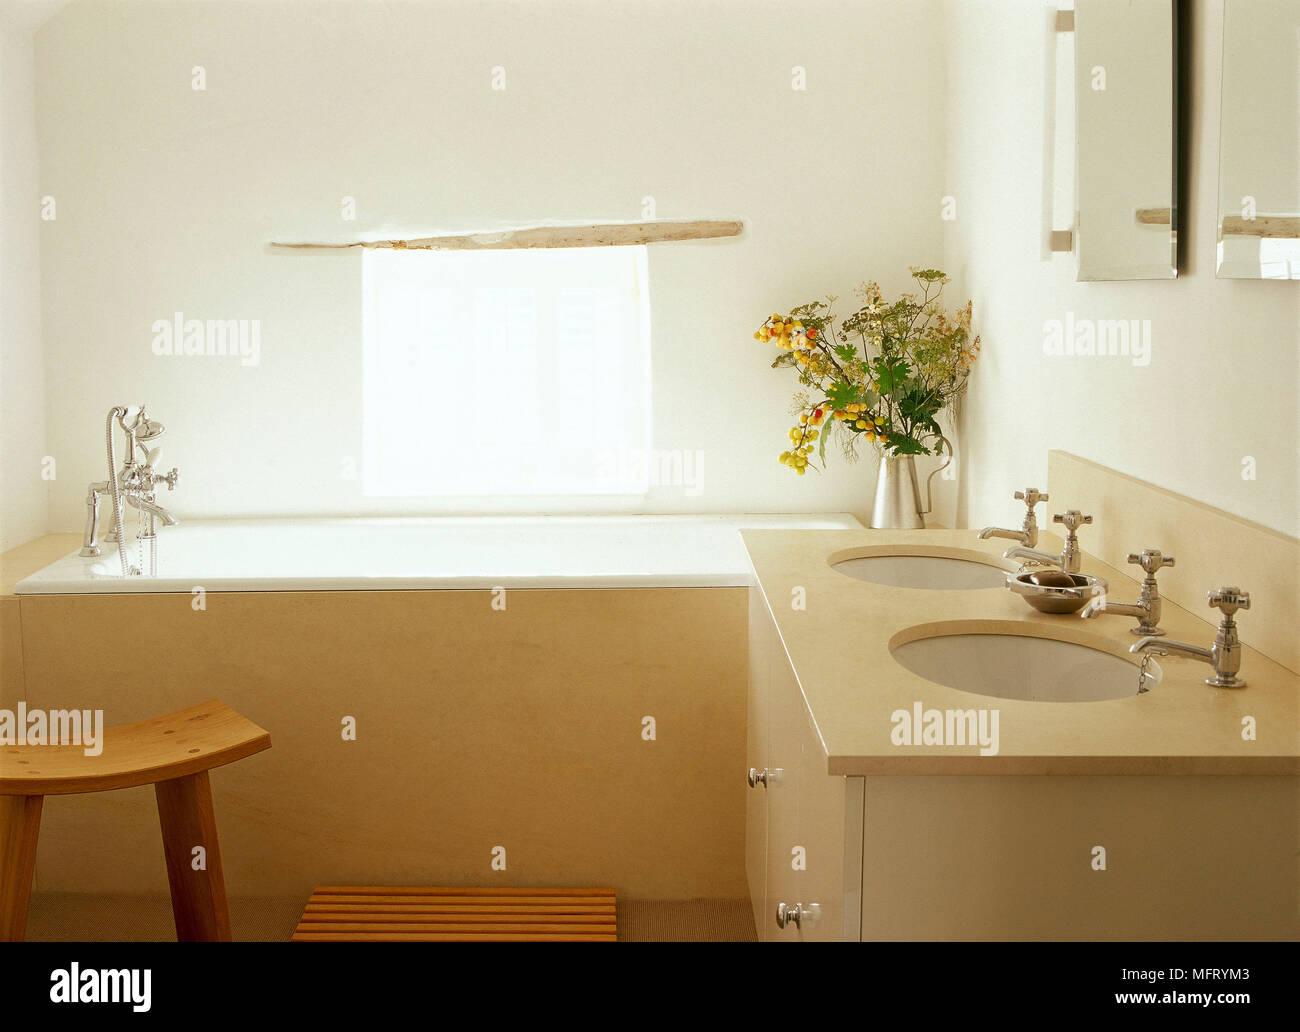 Bagno Colori Neutri : Moderno bagno neutro doppi lavabi impostato in unità di credenza